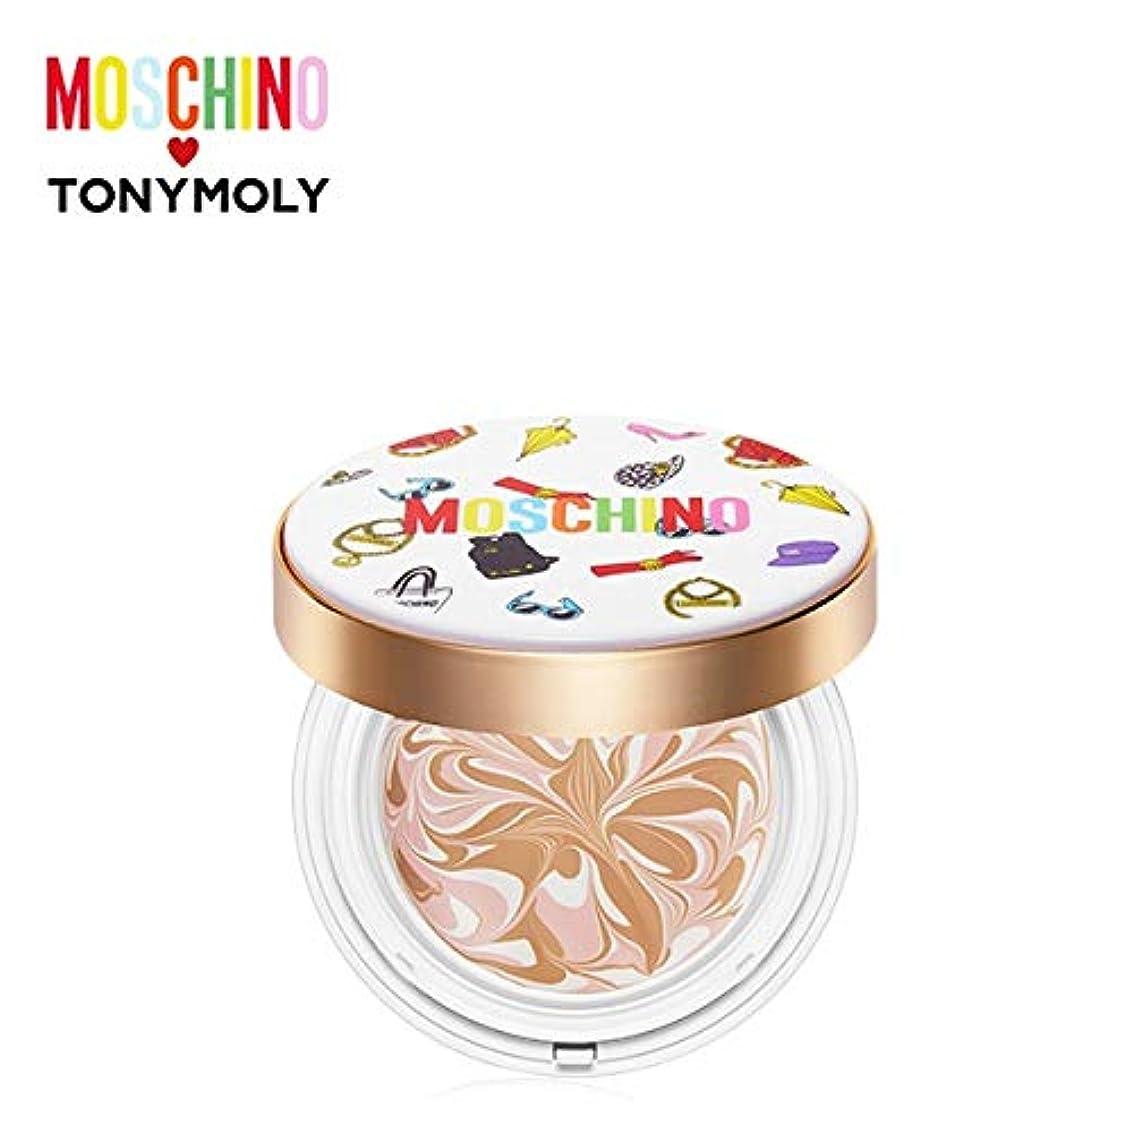 地下まとめる吹雪トニーモリー [モスキーノ] シック スキン エッセンス パクト 18g TONYMOLY [MOSCHINO] Chic Skin Essence Pact #01 CHIC VANILLA [並行輸入品]